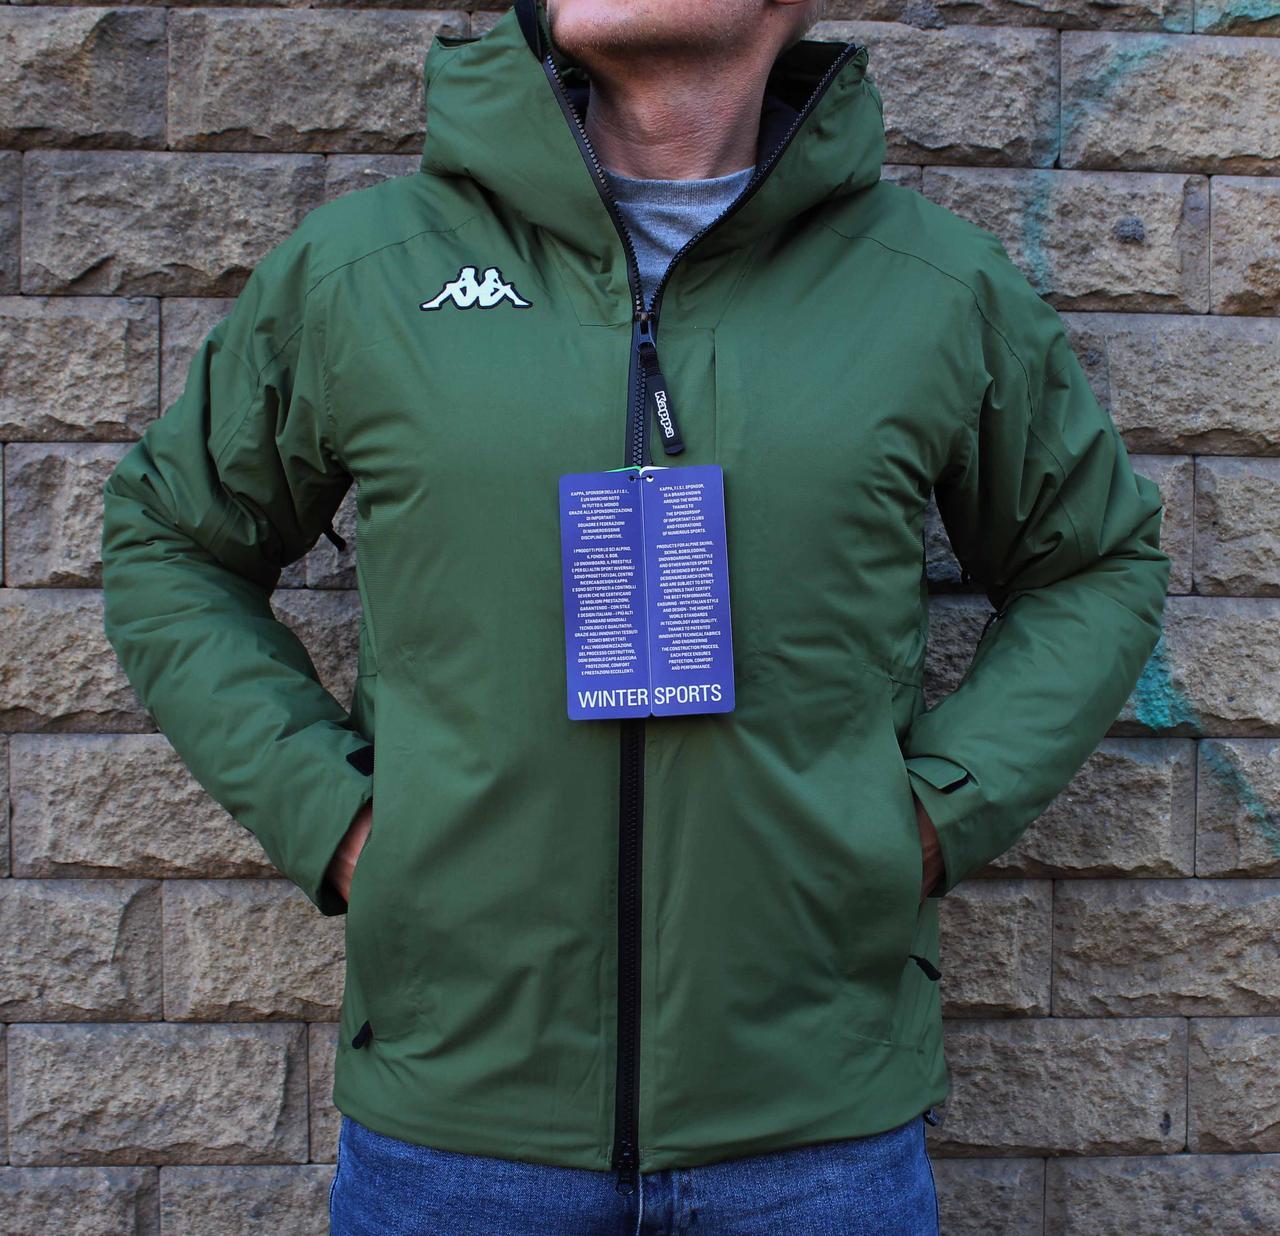 Оригинальная мужская лыжная куртка Kappa 6CENTO 617 хаки